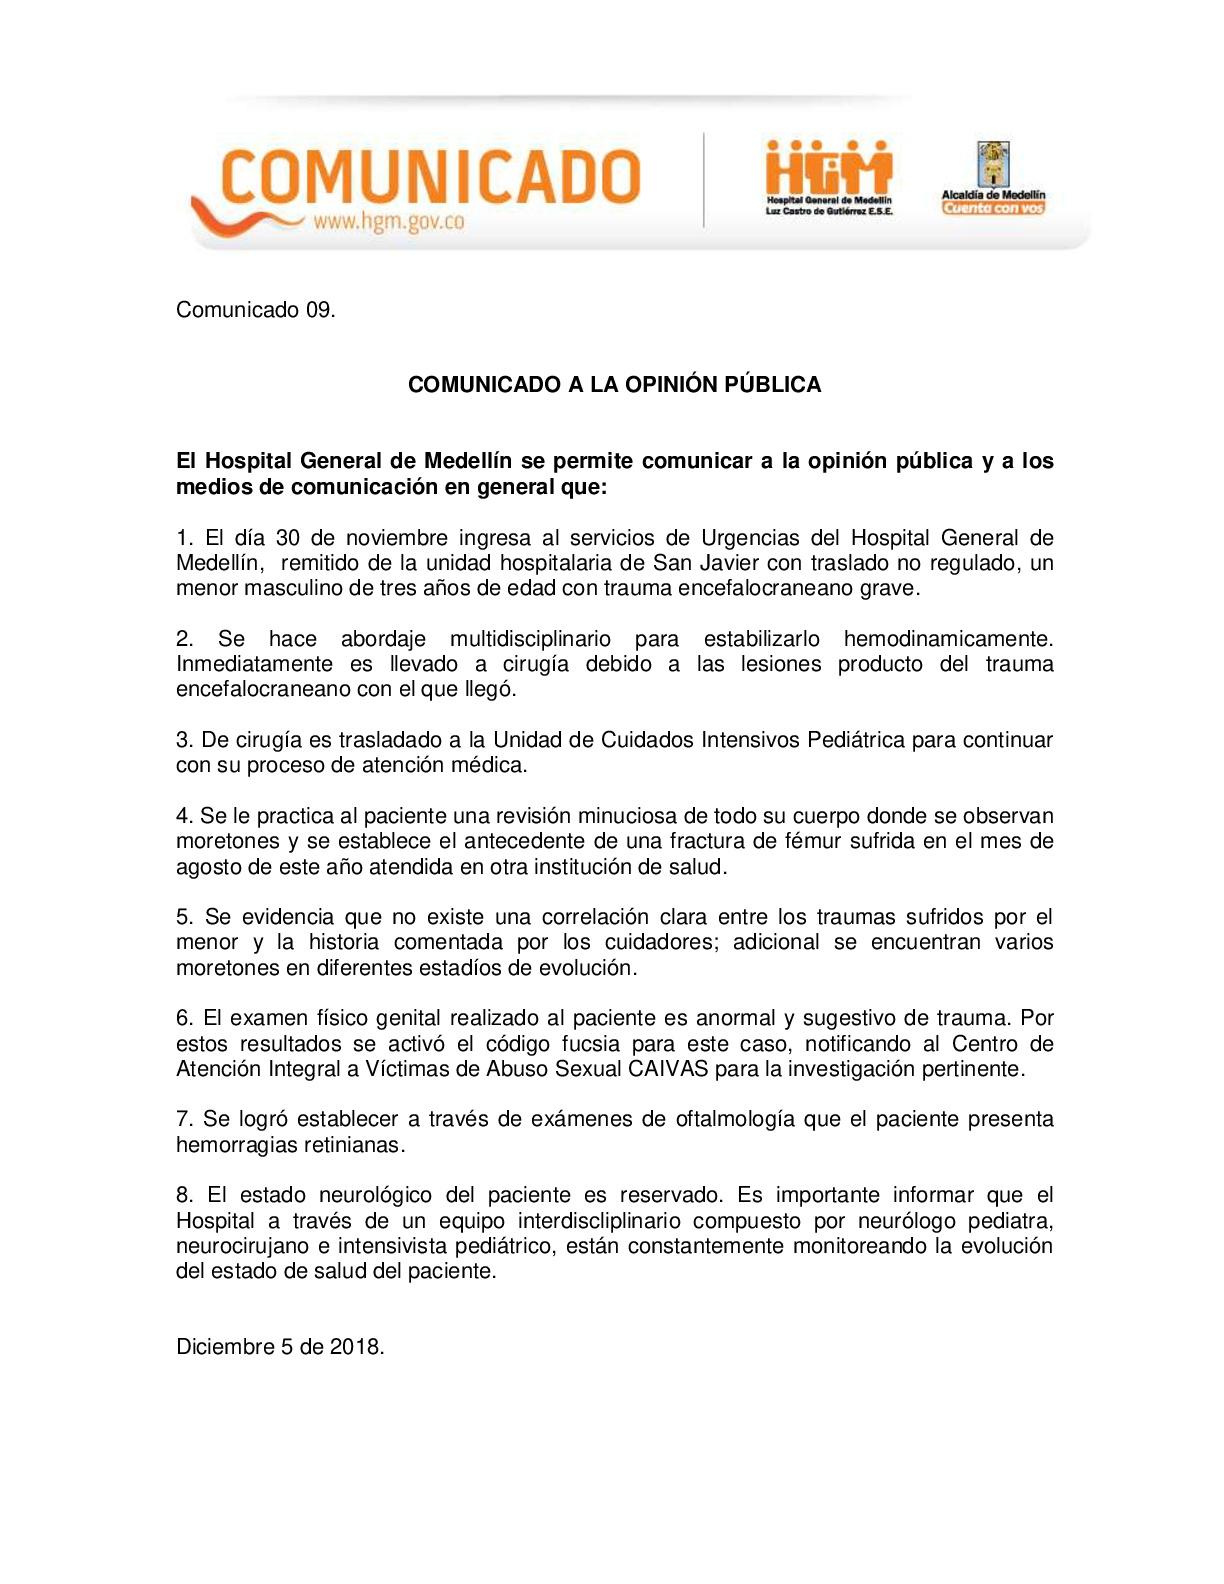 Comunicado Hospital General.